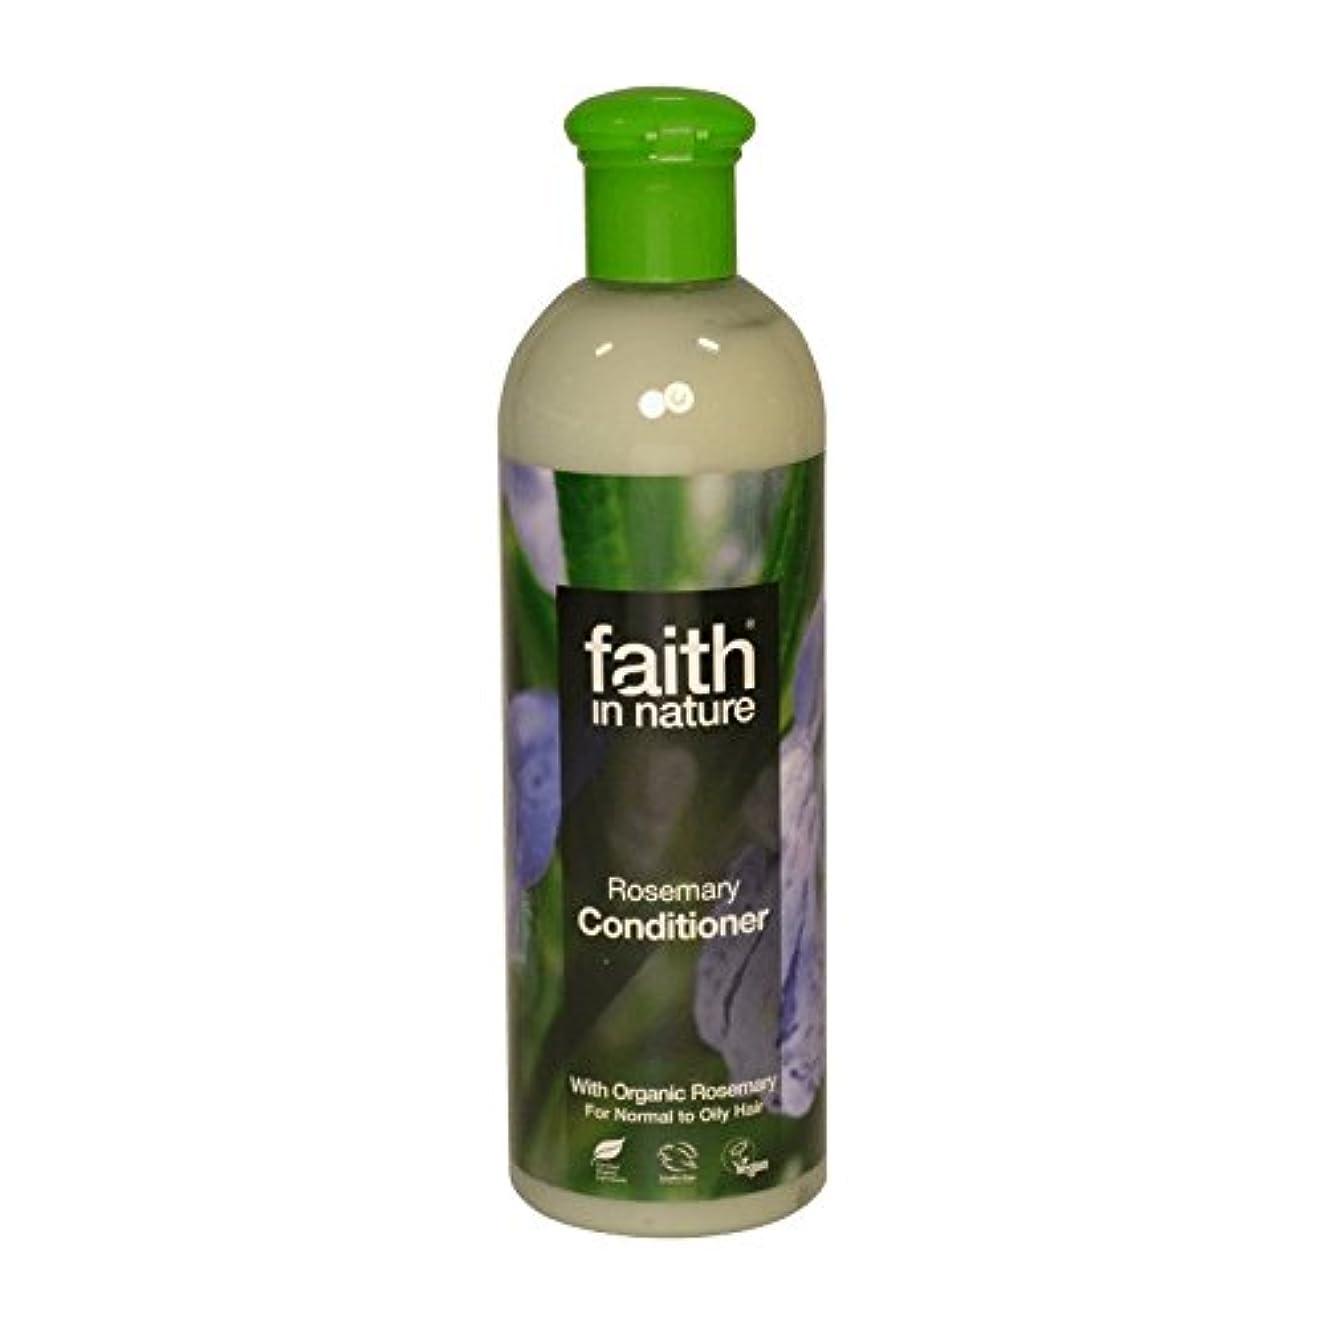 負荷オリエントあたりFaith in Nature Rosemary Conditioner 400ml (Pack of 6) - 自然ローズマリーコンディショナー400ミリリットルの信仰 (x6) [並行輸入品]